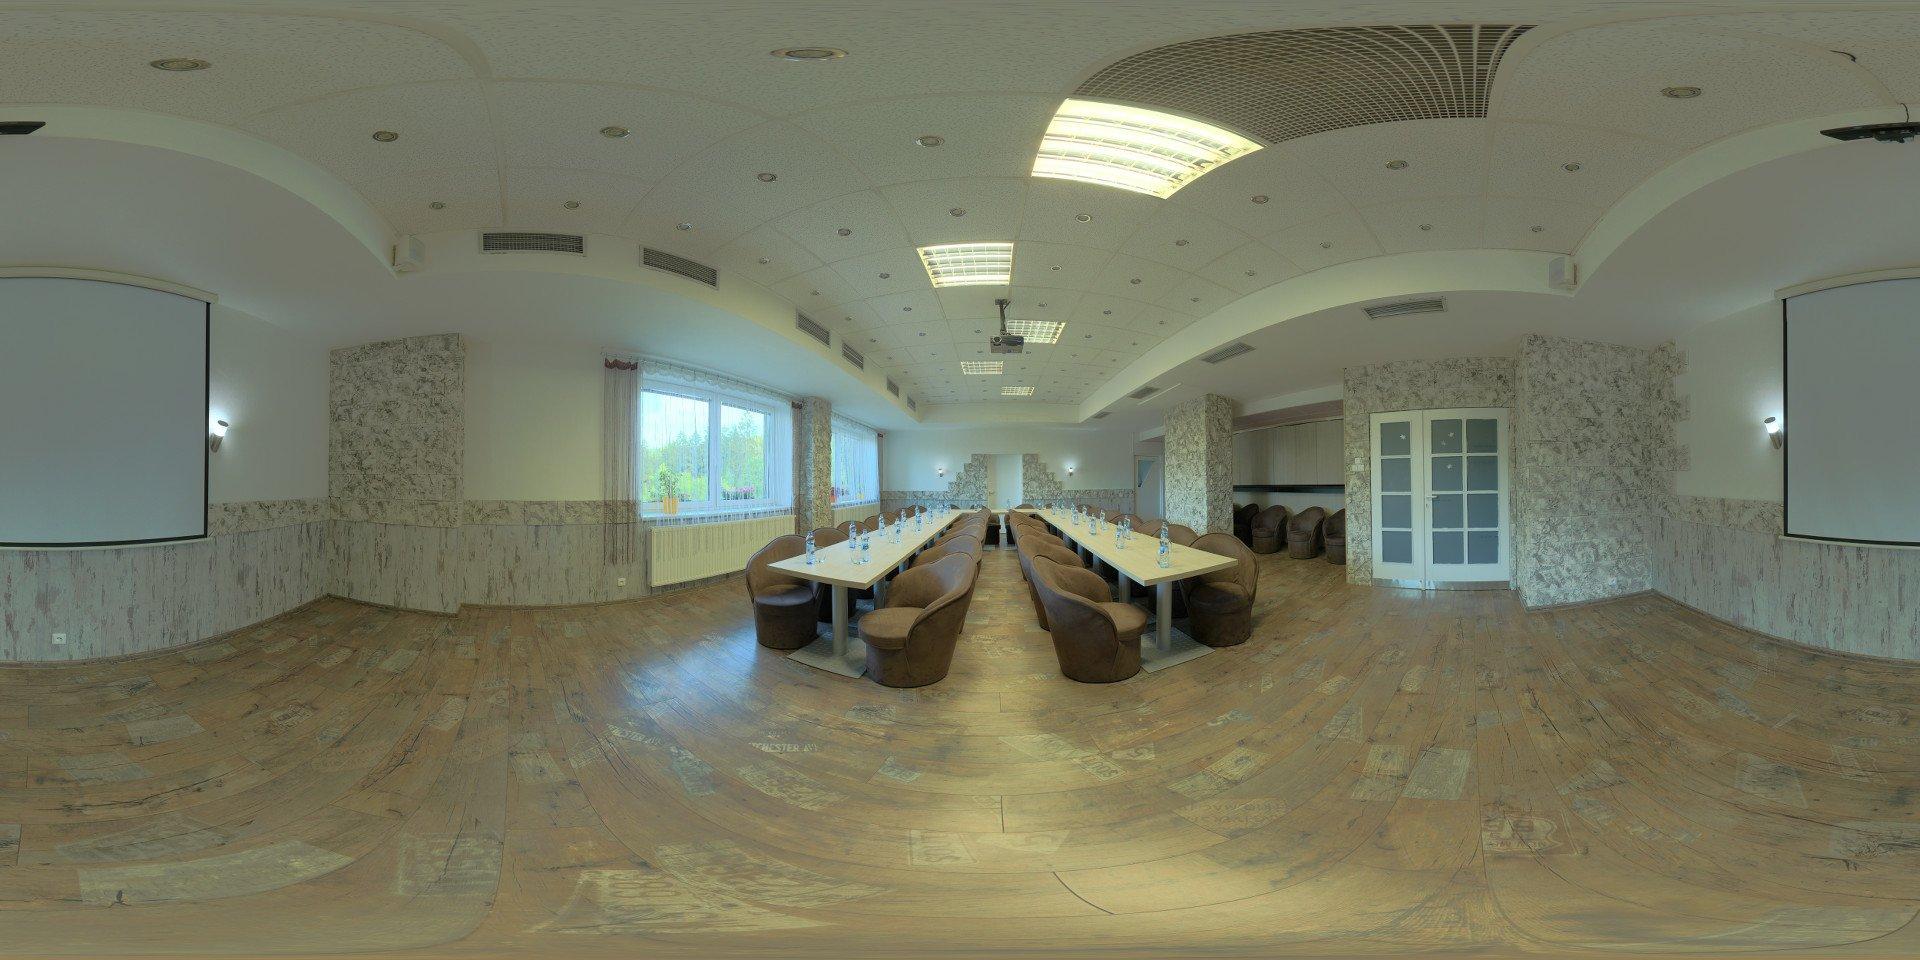 Salonek v hotelu Mesit